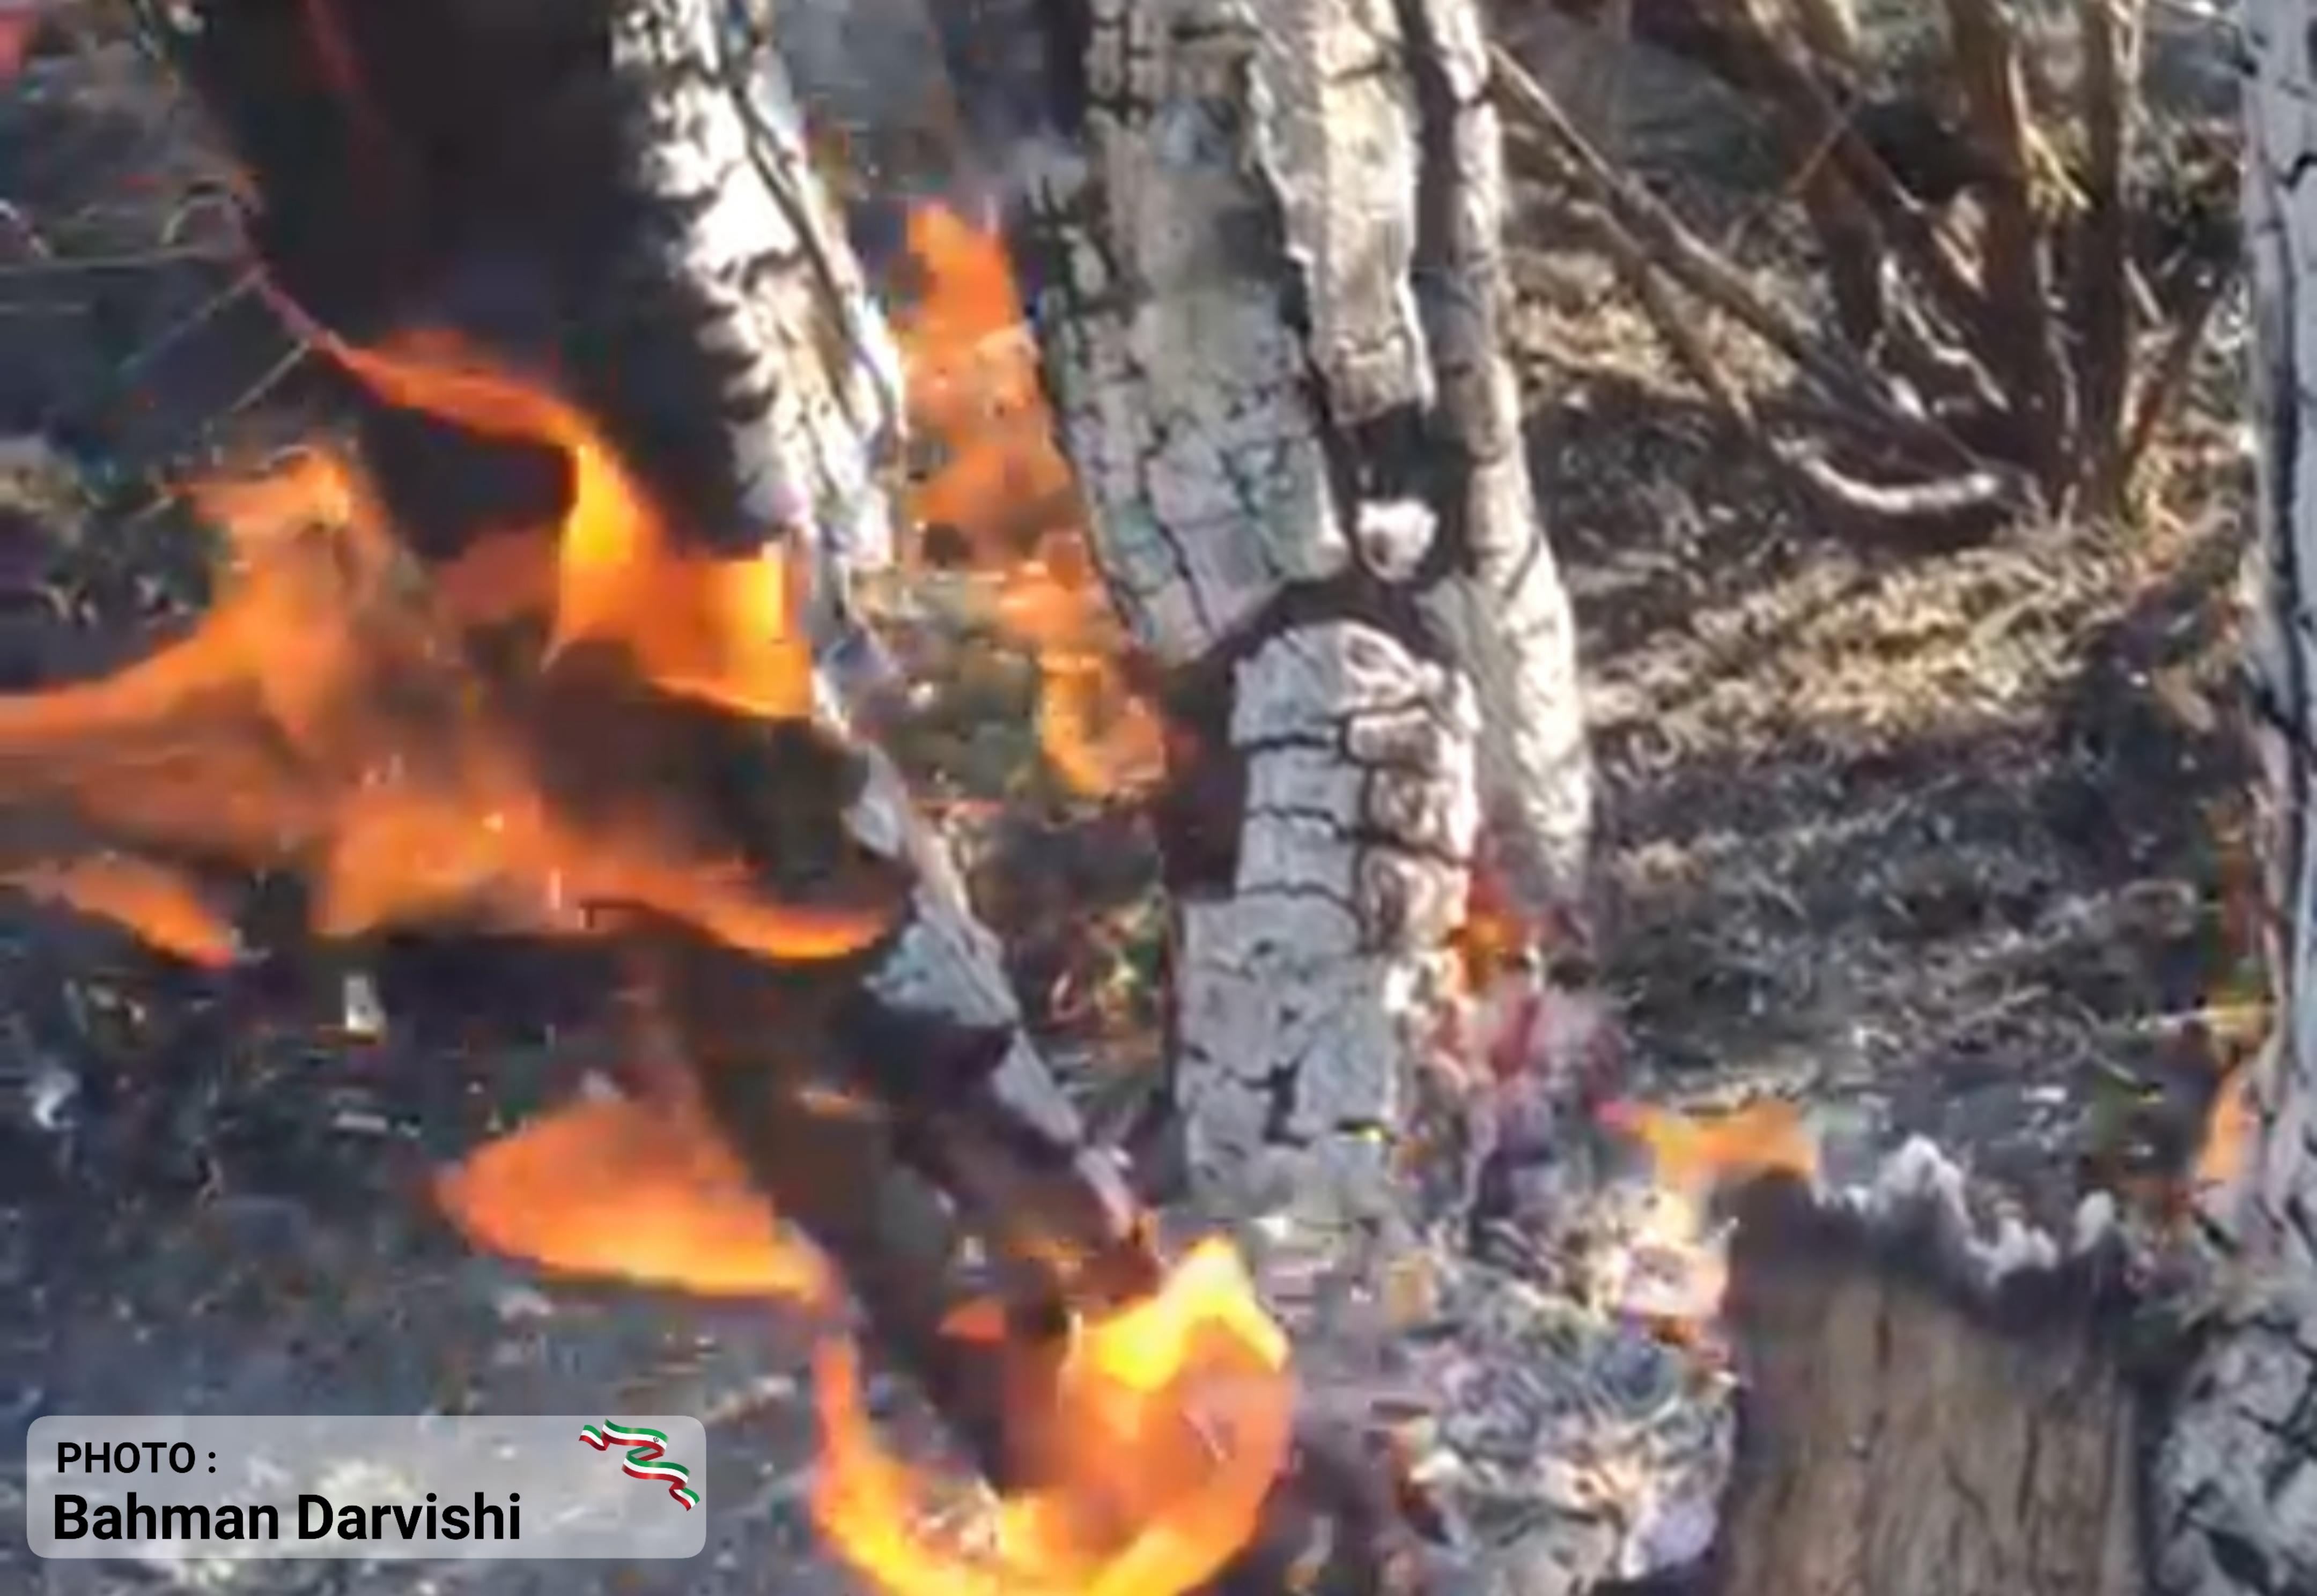 آتش سوزی در منطقه دالاب شهرستان کوهدشت